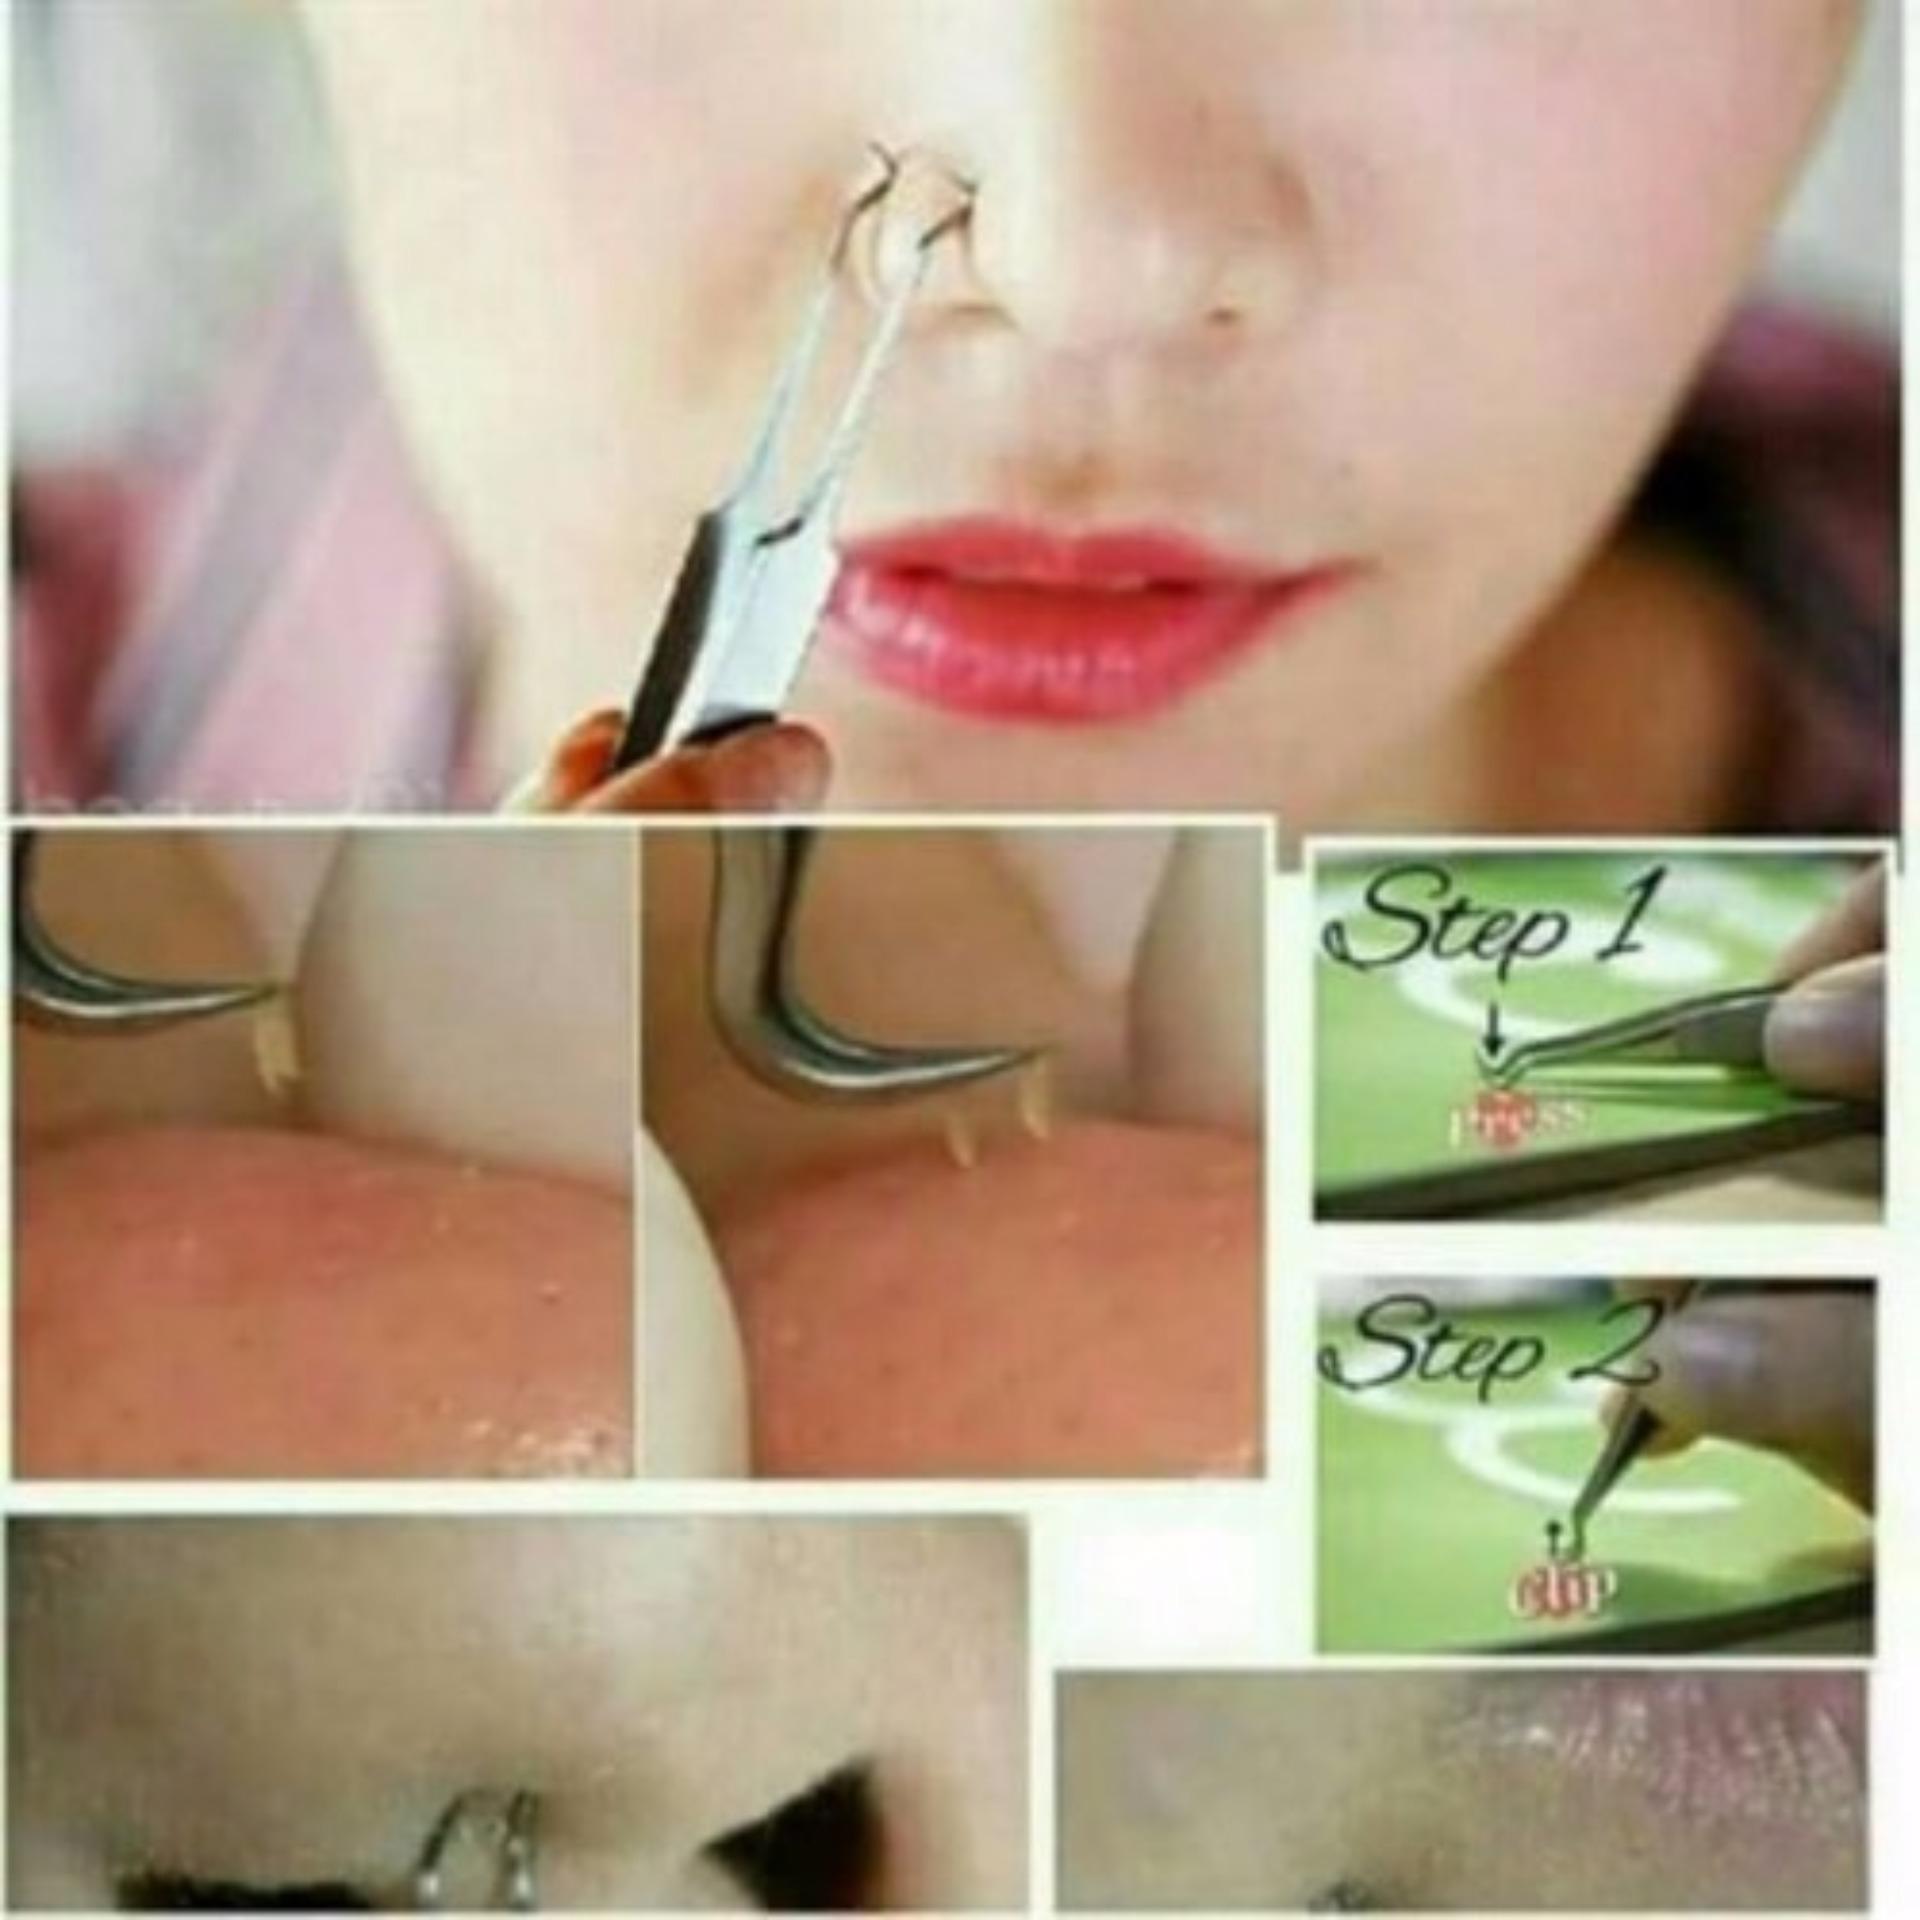 Harga Terendah Hoki Cod Cream Wak Doyok Penumbuh Rambut Sampel 125ml Original Jambang Premium Ukuran Sample Free